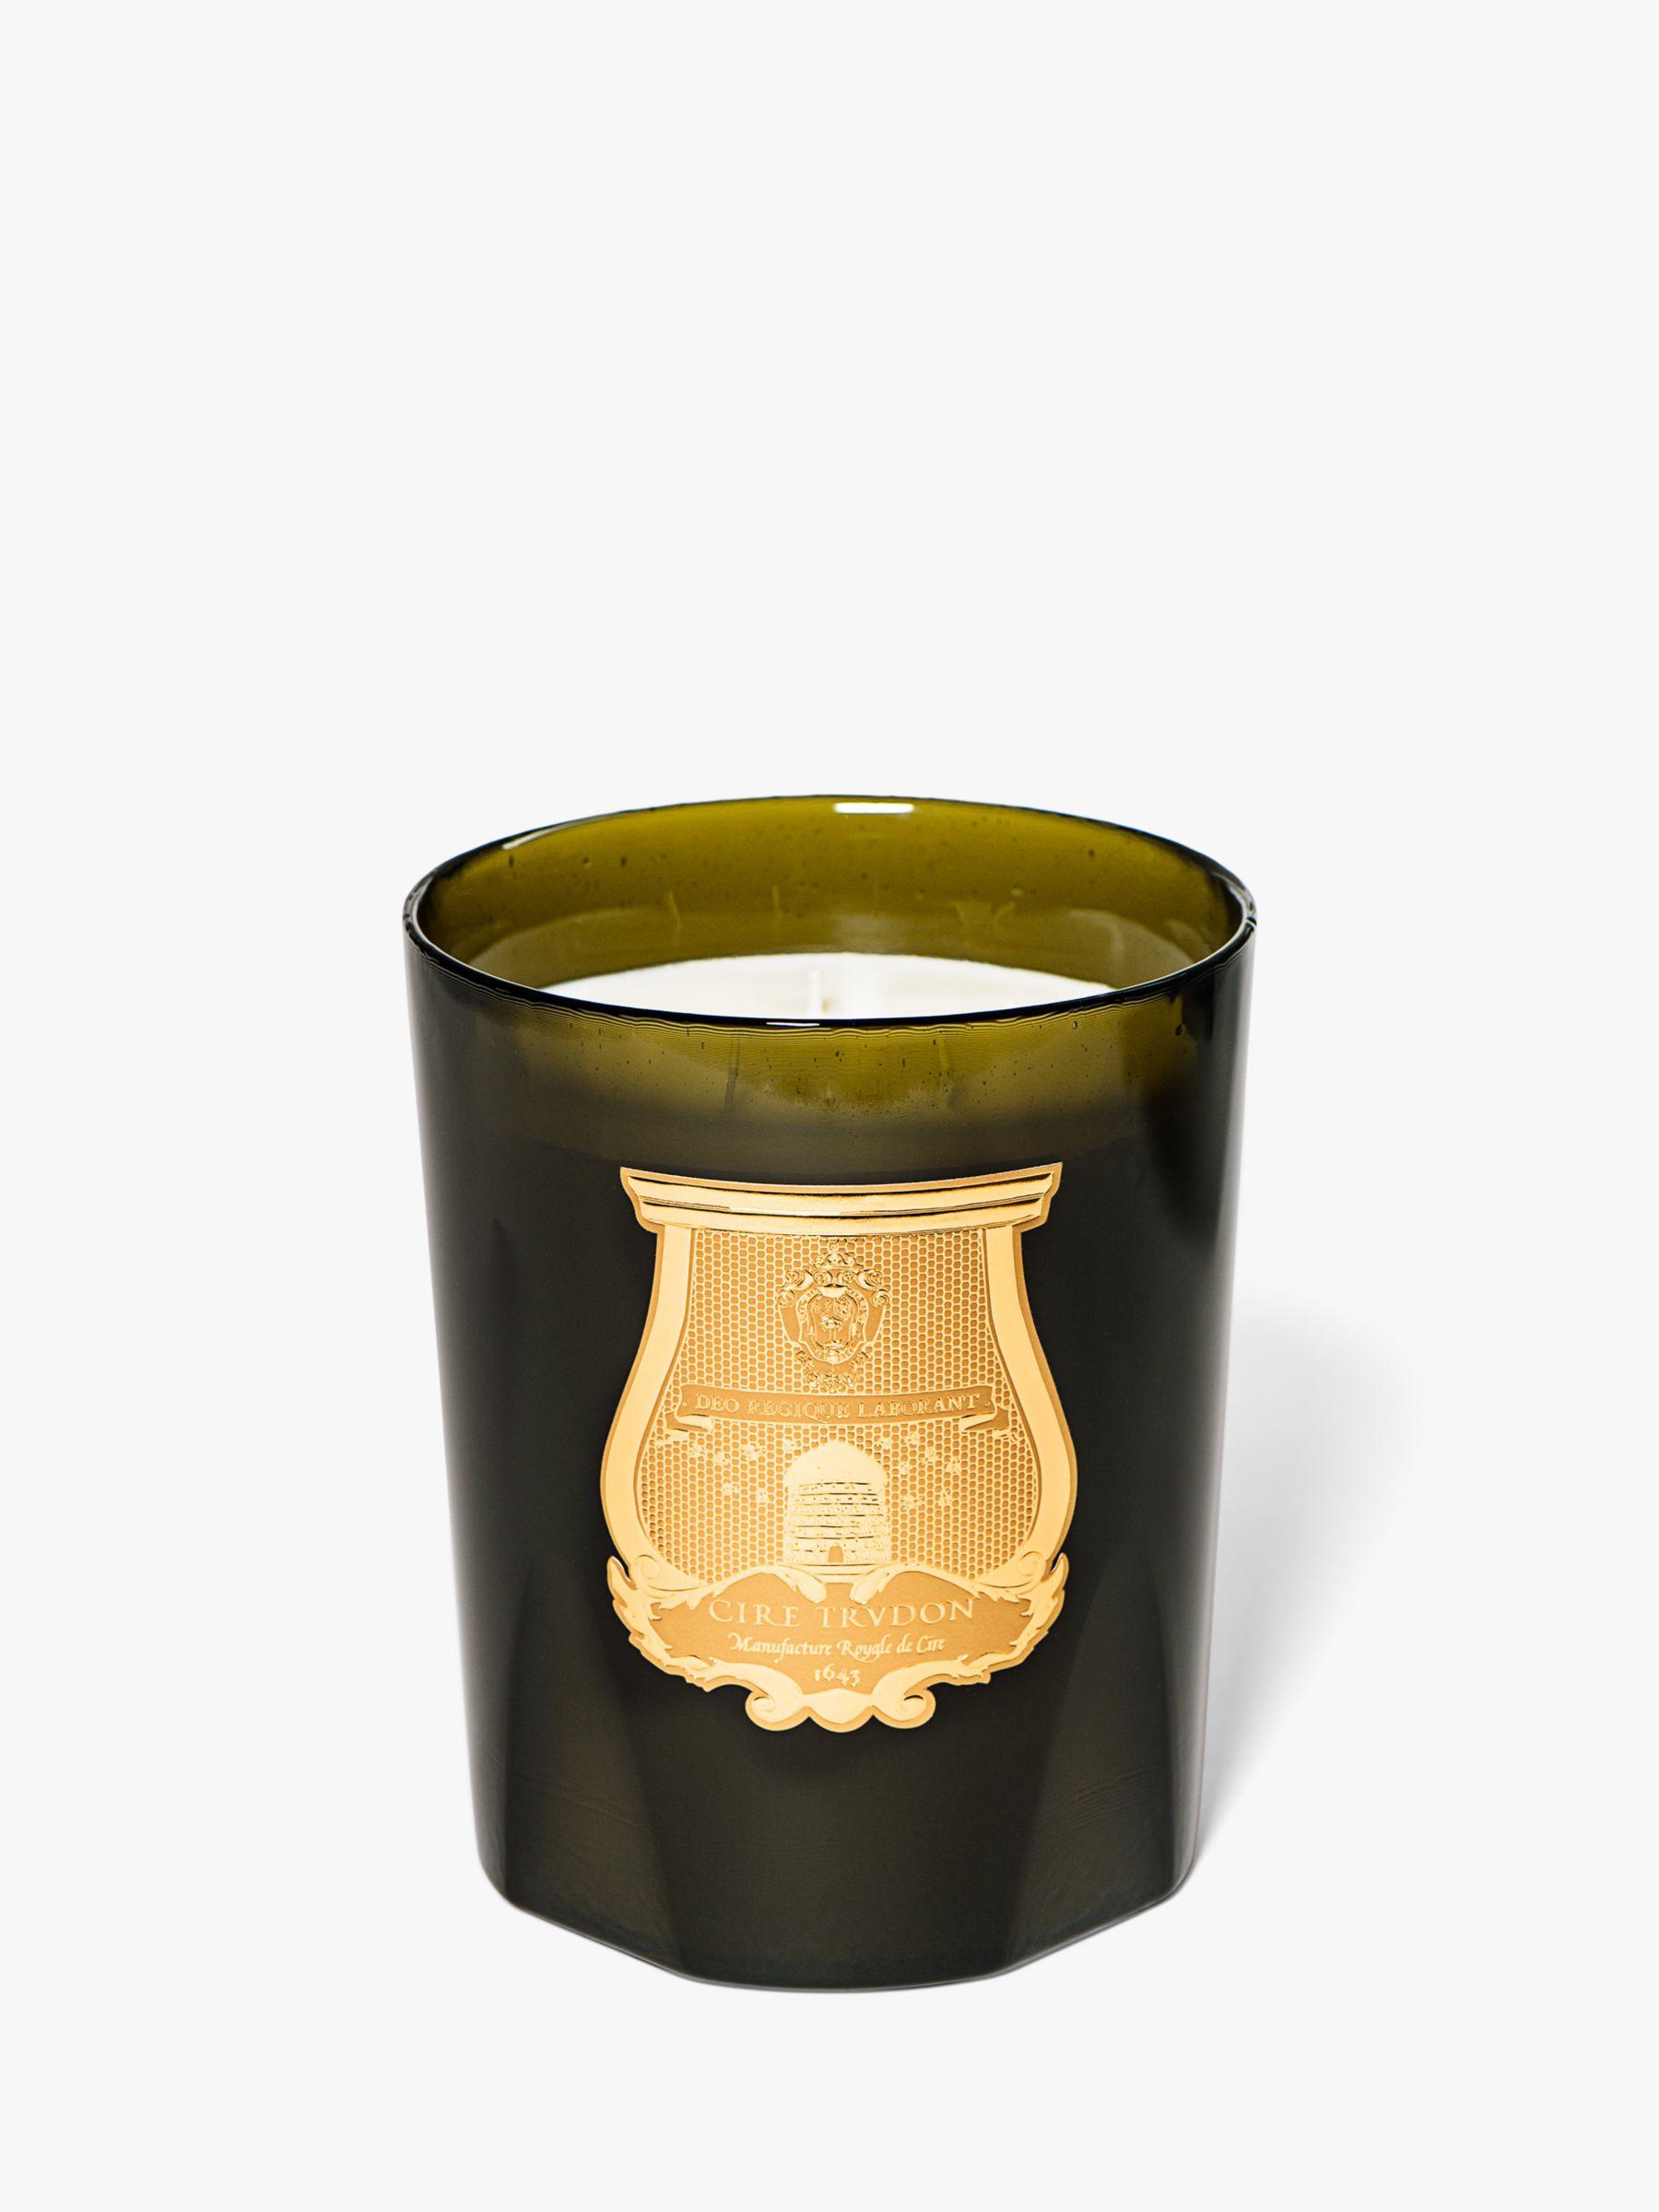 Cire Trudon Cire Trudon Ernesto Scented Candle, Extra Large